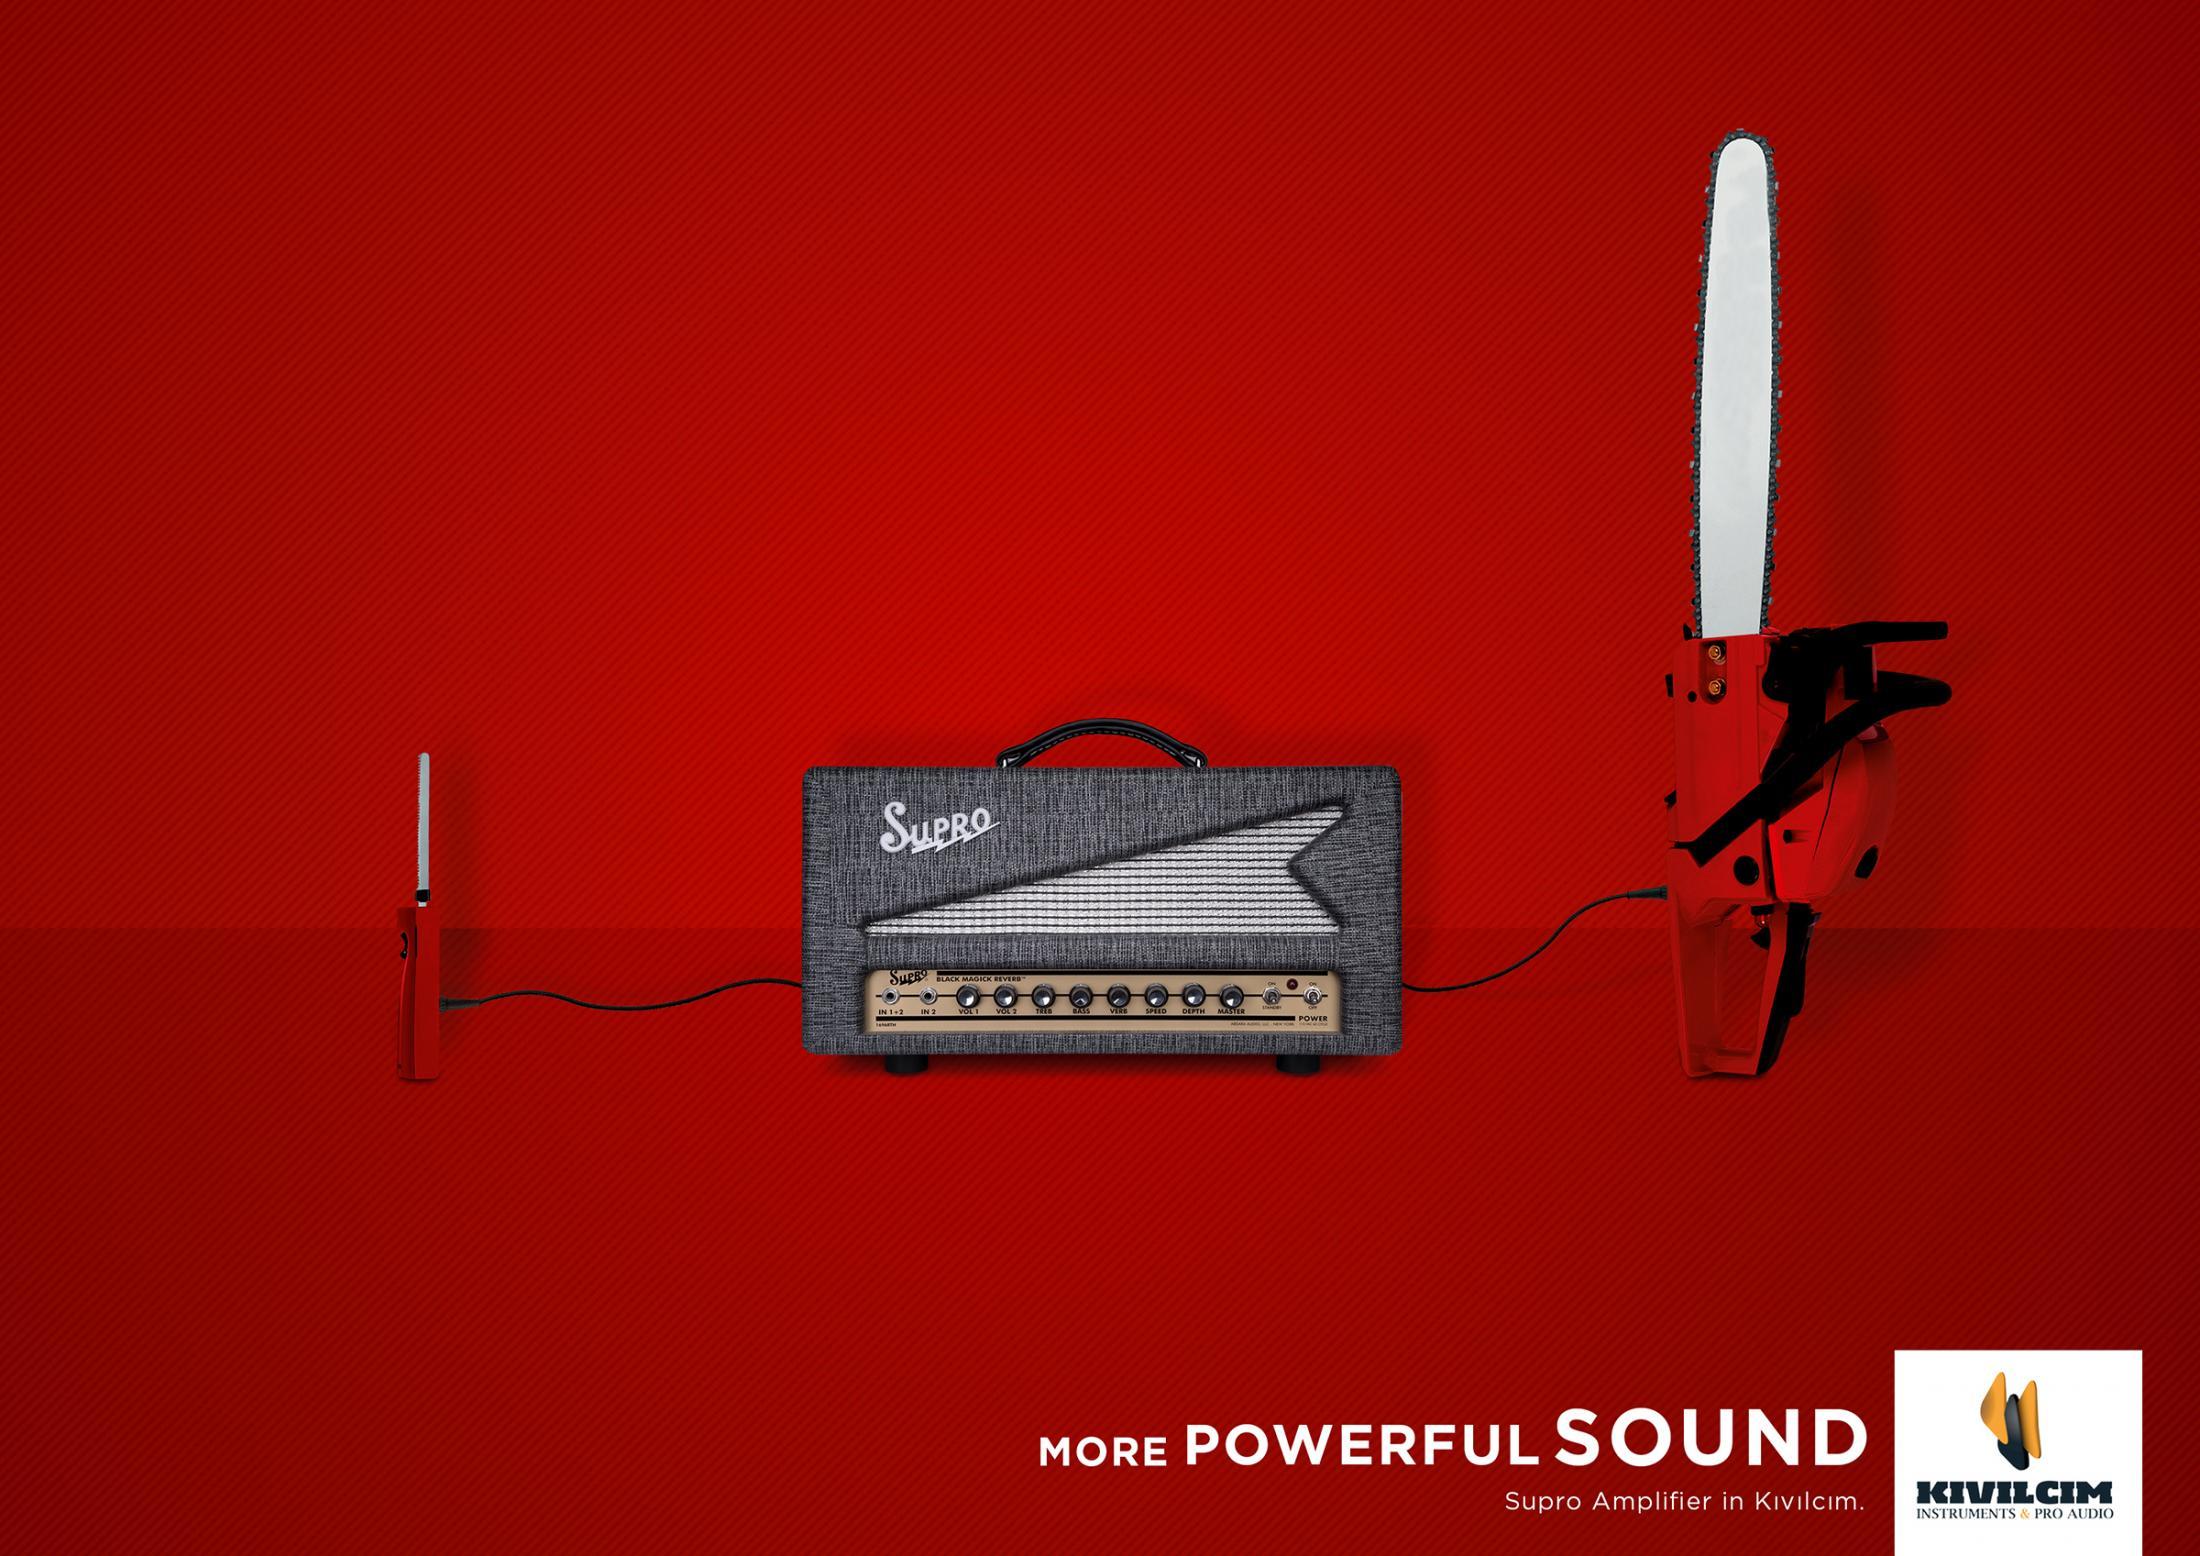 Daha Güçlü Ses, Testere - KIVILCIM MÜZİK-türkiyenin-reklamları